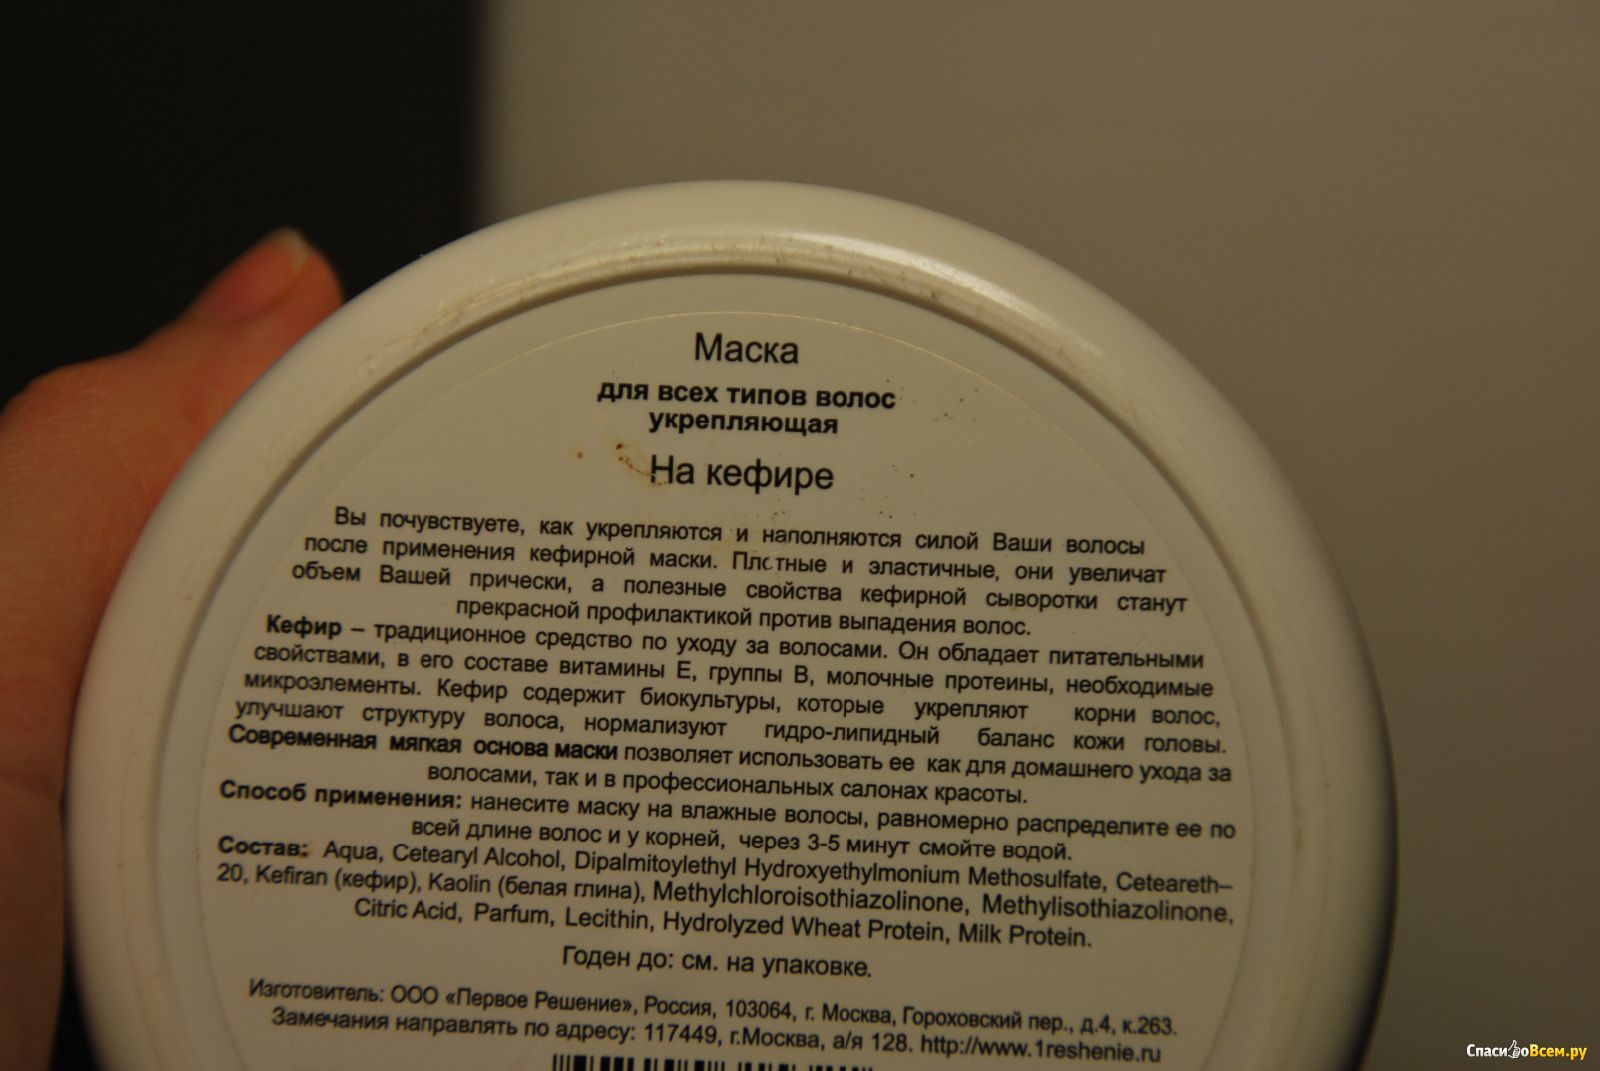 Маска для лица с какао порошком в домашних условиях